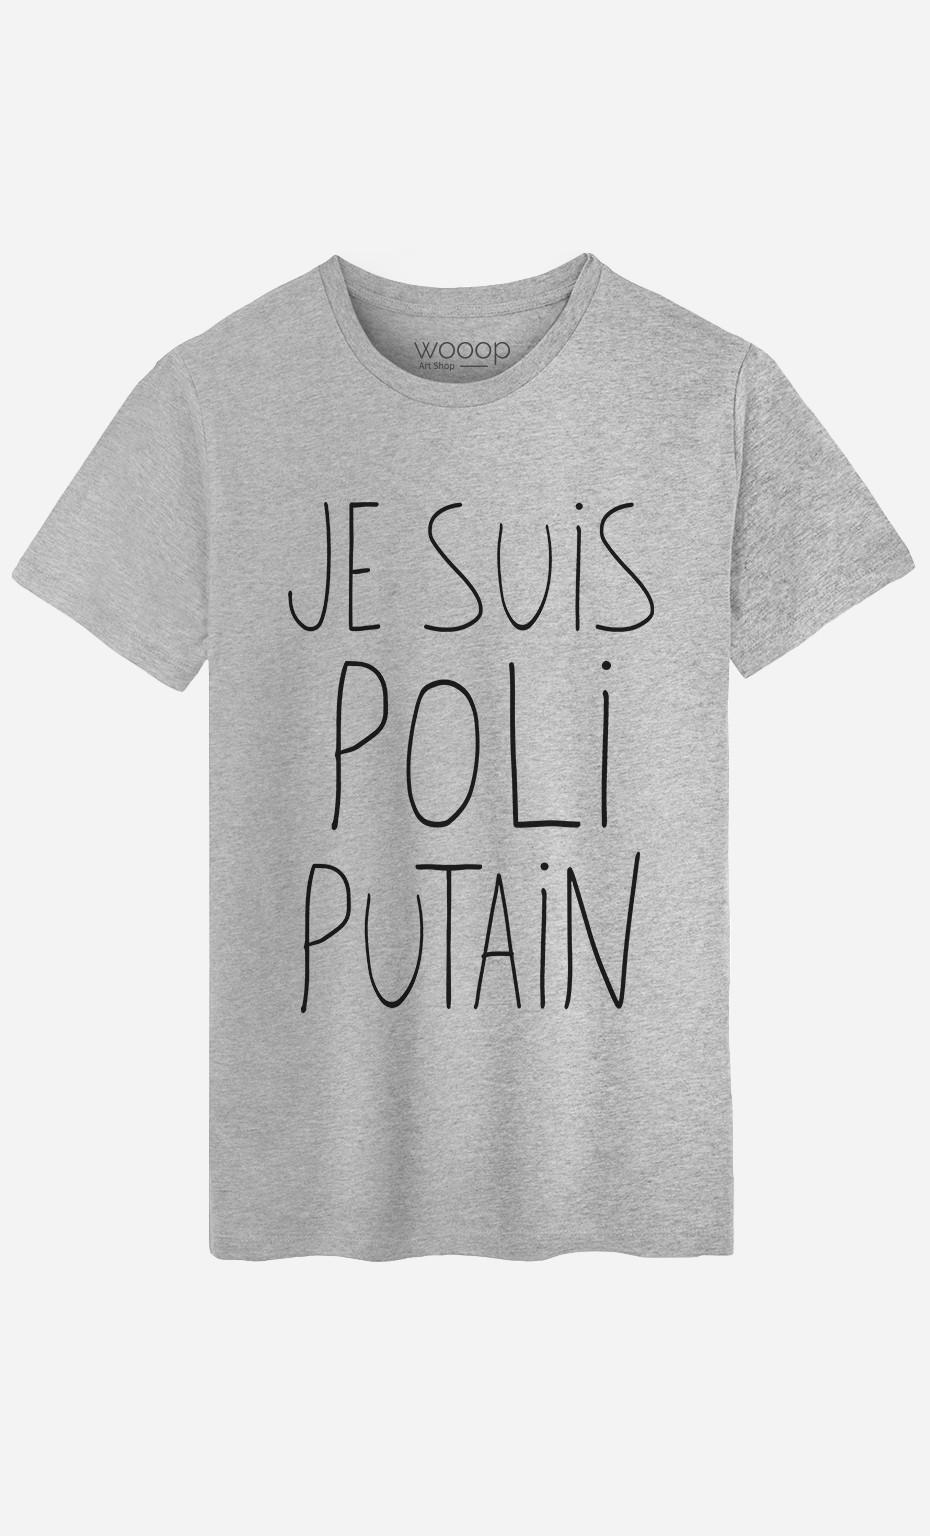 T-Shirt Homme Je Suis Poli Putain